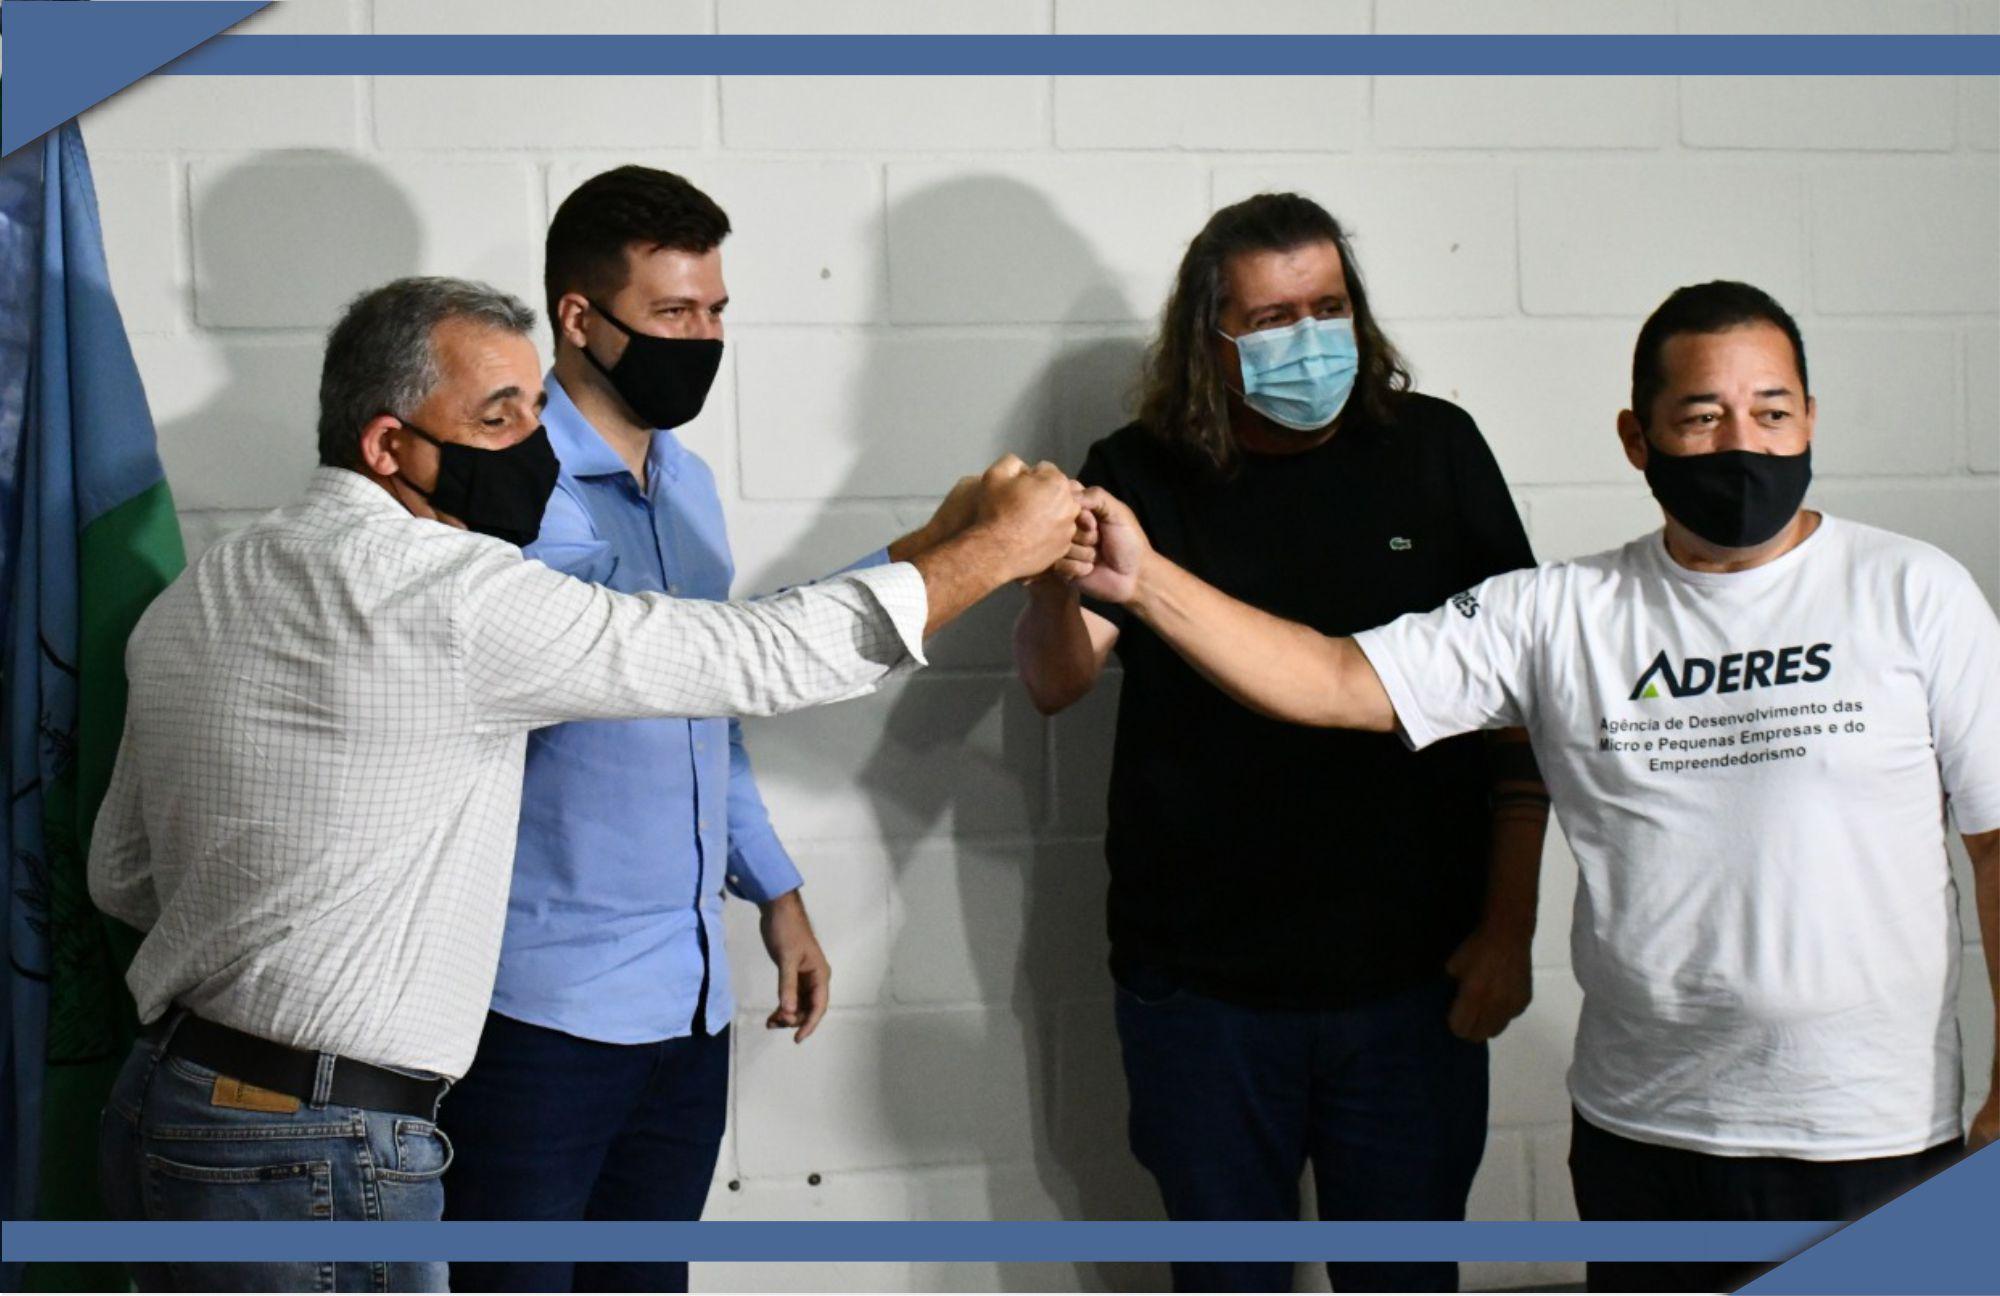 CIDADE EMPREENDEDORA: PREFEITURA ASSINA CONVÊNIO COM SEBRAE E OFERECE MAIS APOIO AO MICROEMPREENDEDOR DE SÃO MATEUS